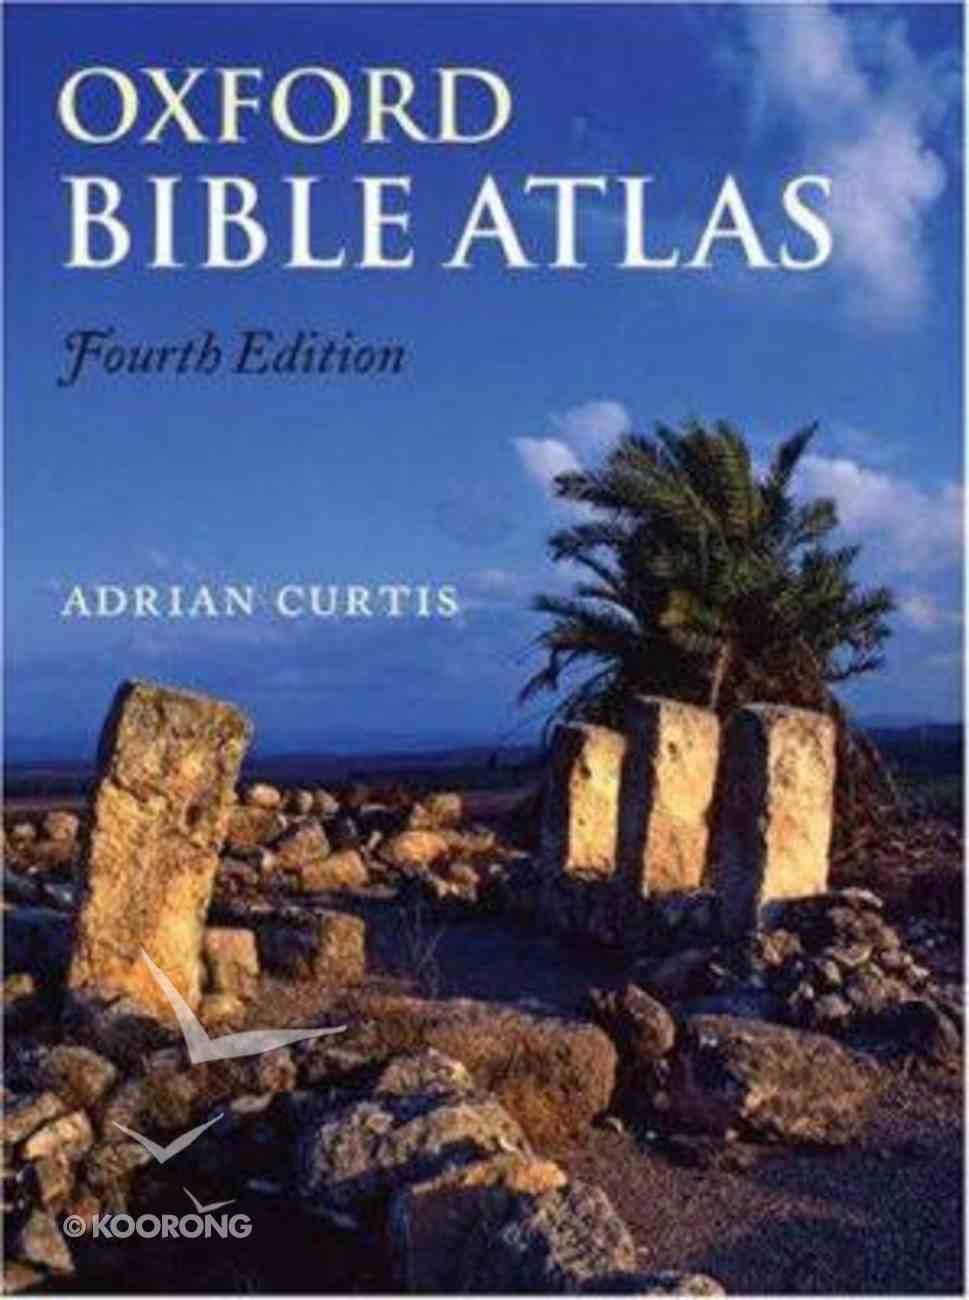 Oxford Bible Atlas (4th Edition) Hardback